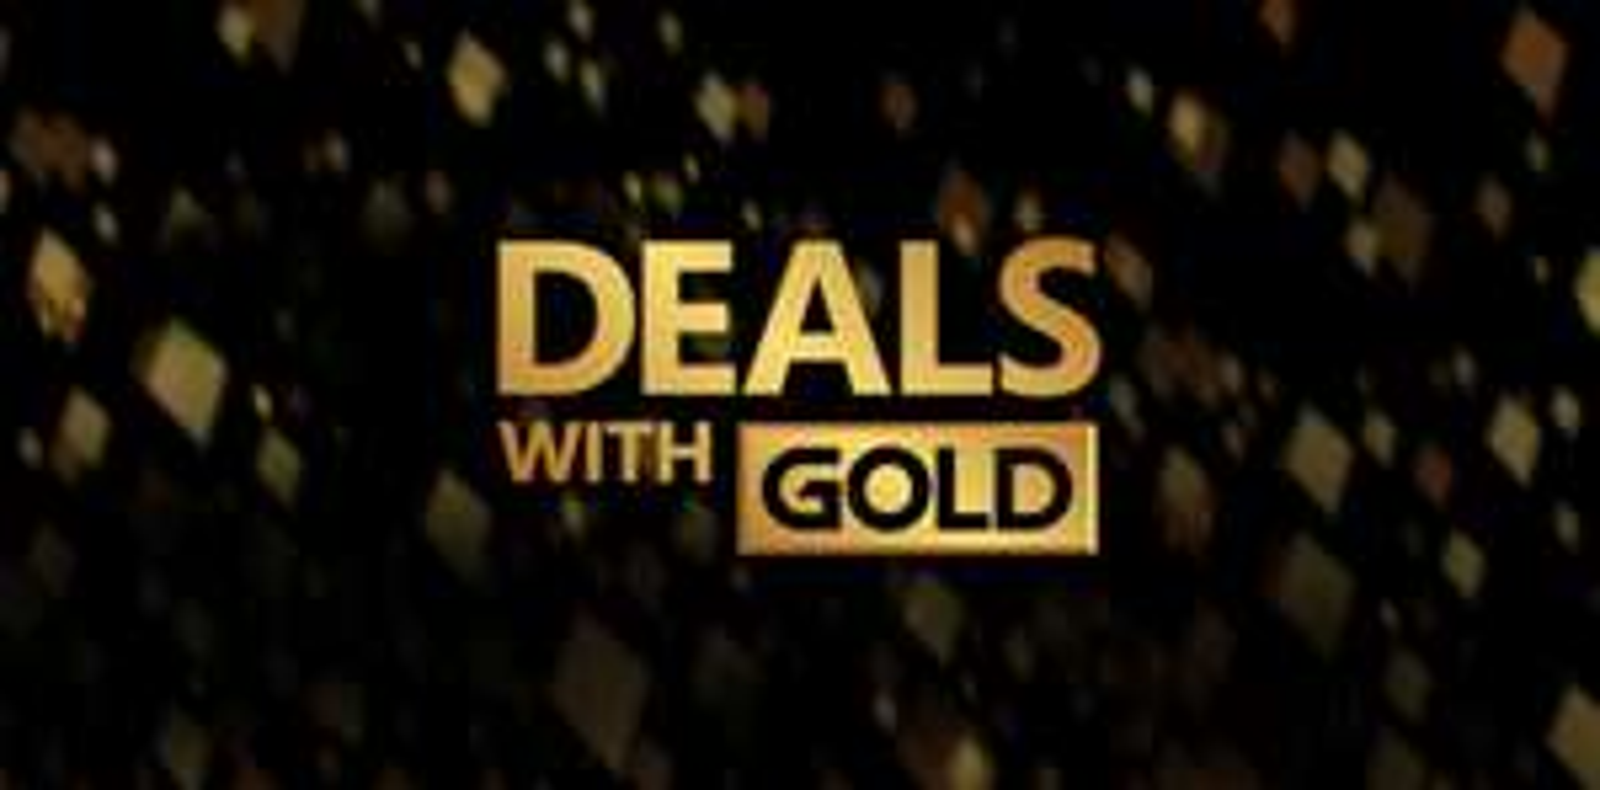 Xbox: Deals With Gold semana del 26 de enero al 2 de febrero de 2021